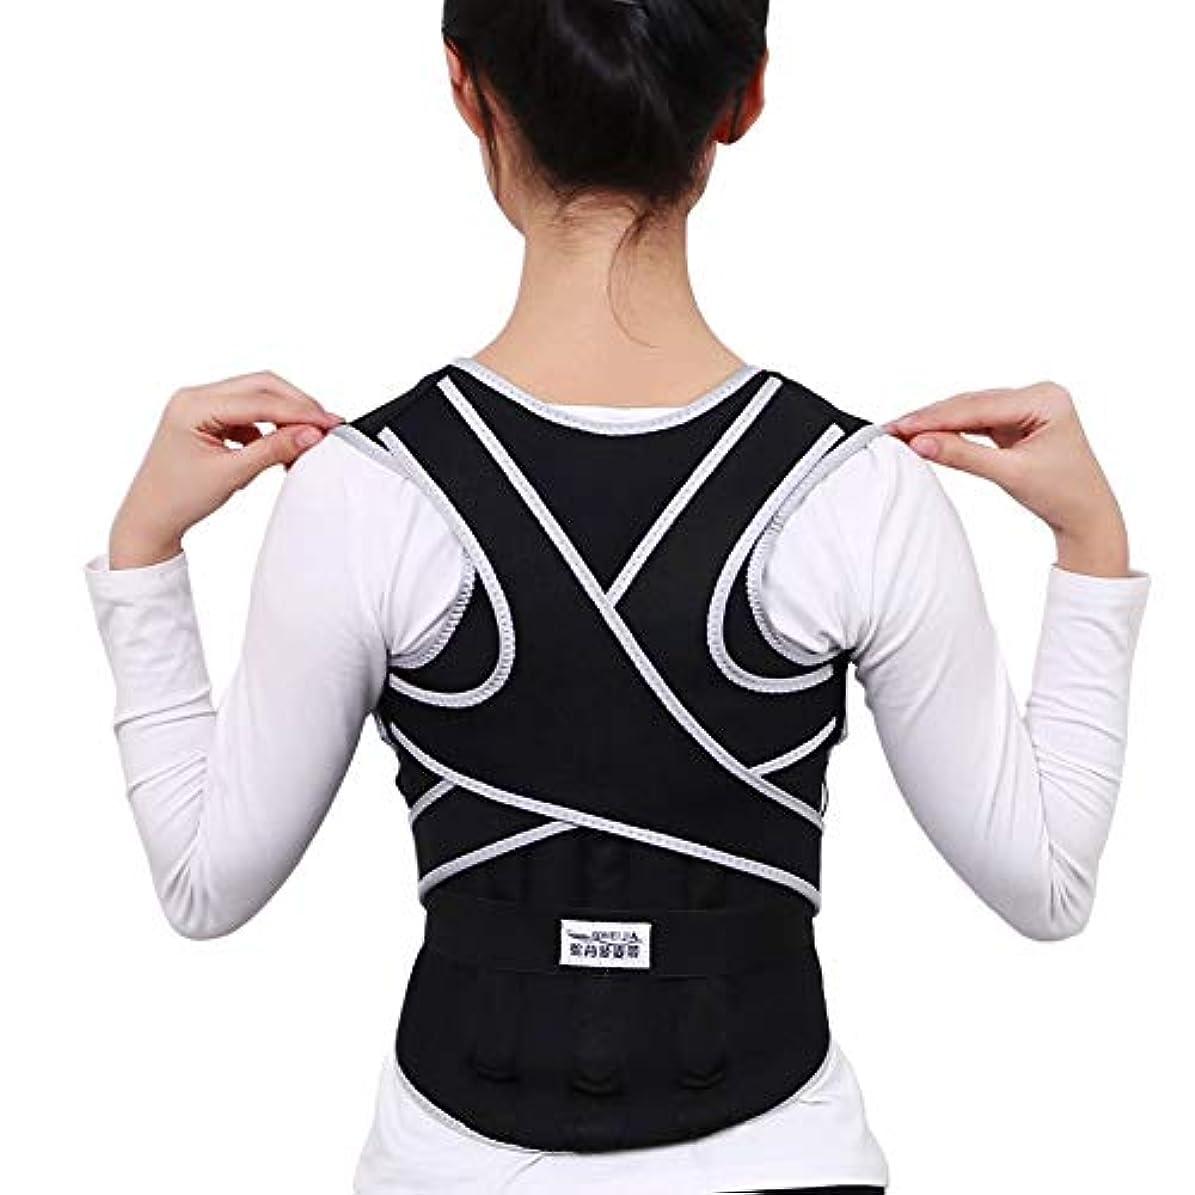 姿勢矯正ベルト、男性& 女性たち 調整可能 ショルダー 腰椎 サポートベルト、姿勢サポーター にとって 胸部回旋 そして キッズ ハングバック (Color : Black, Size : S)